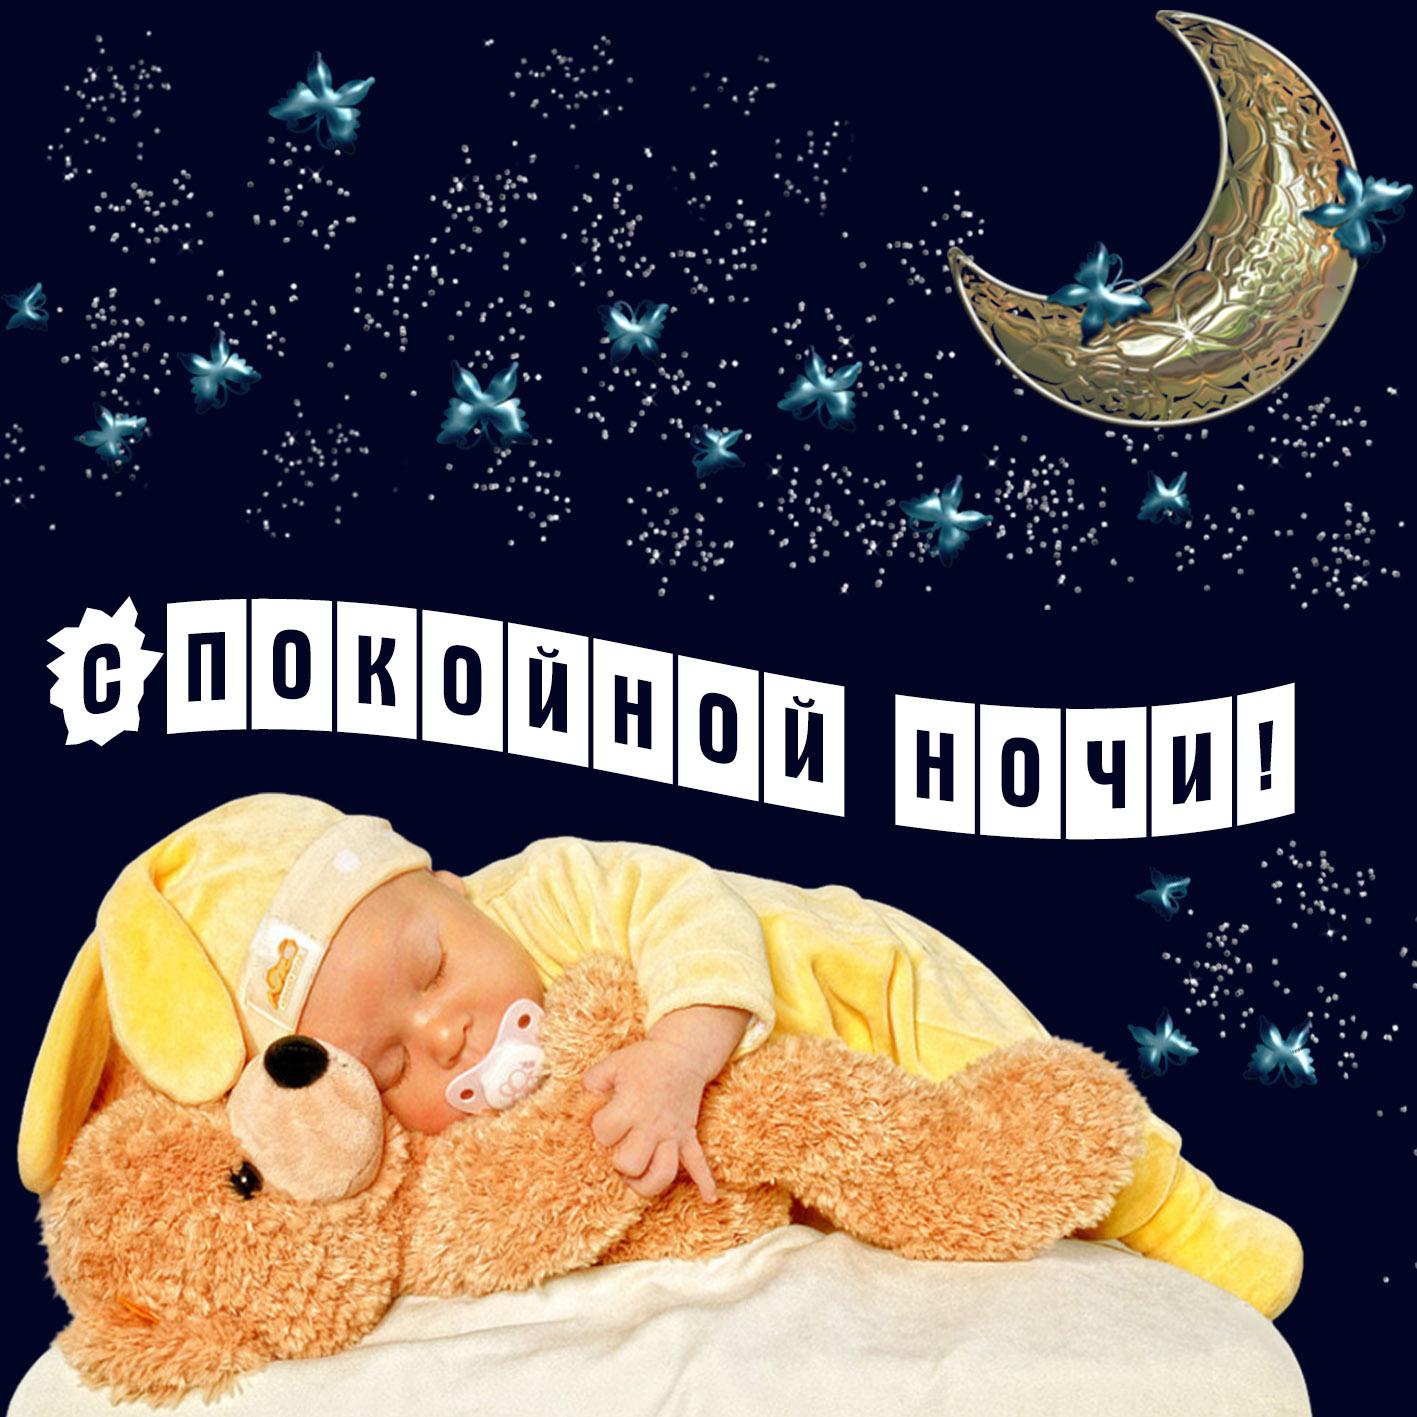 Открытка всем спокойной ночи, открытки ссср дорого